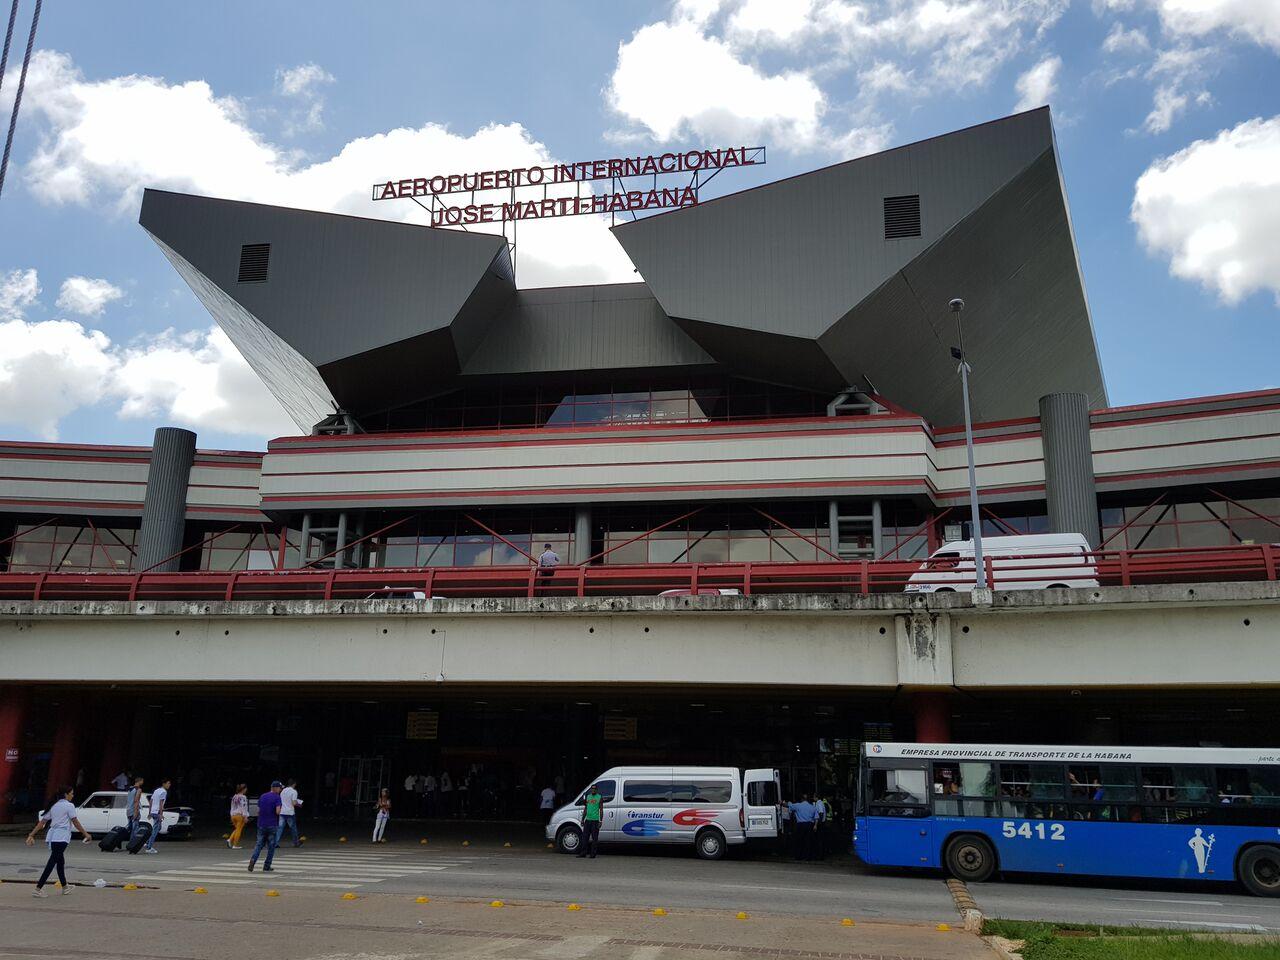 Airport in Havana Cuba